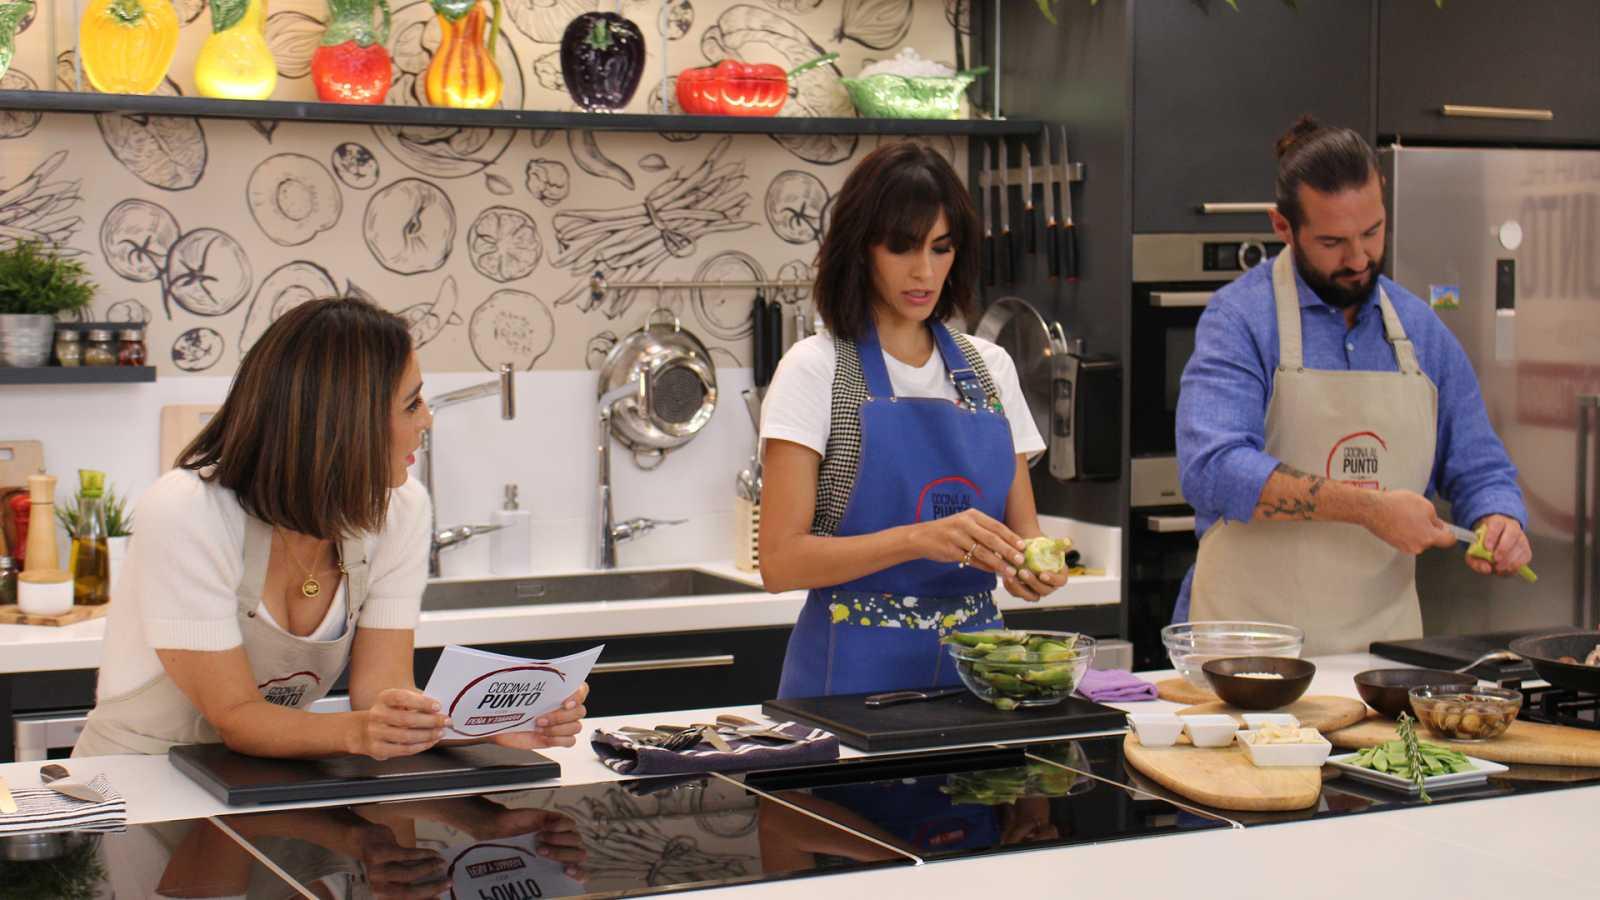 Cocina al punto con Peña y Tamara - Vieiras con lombarda y manzana - ver ahora